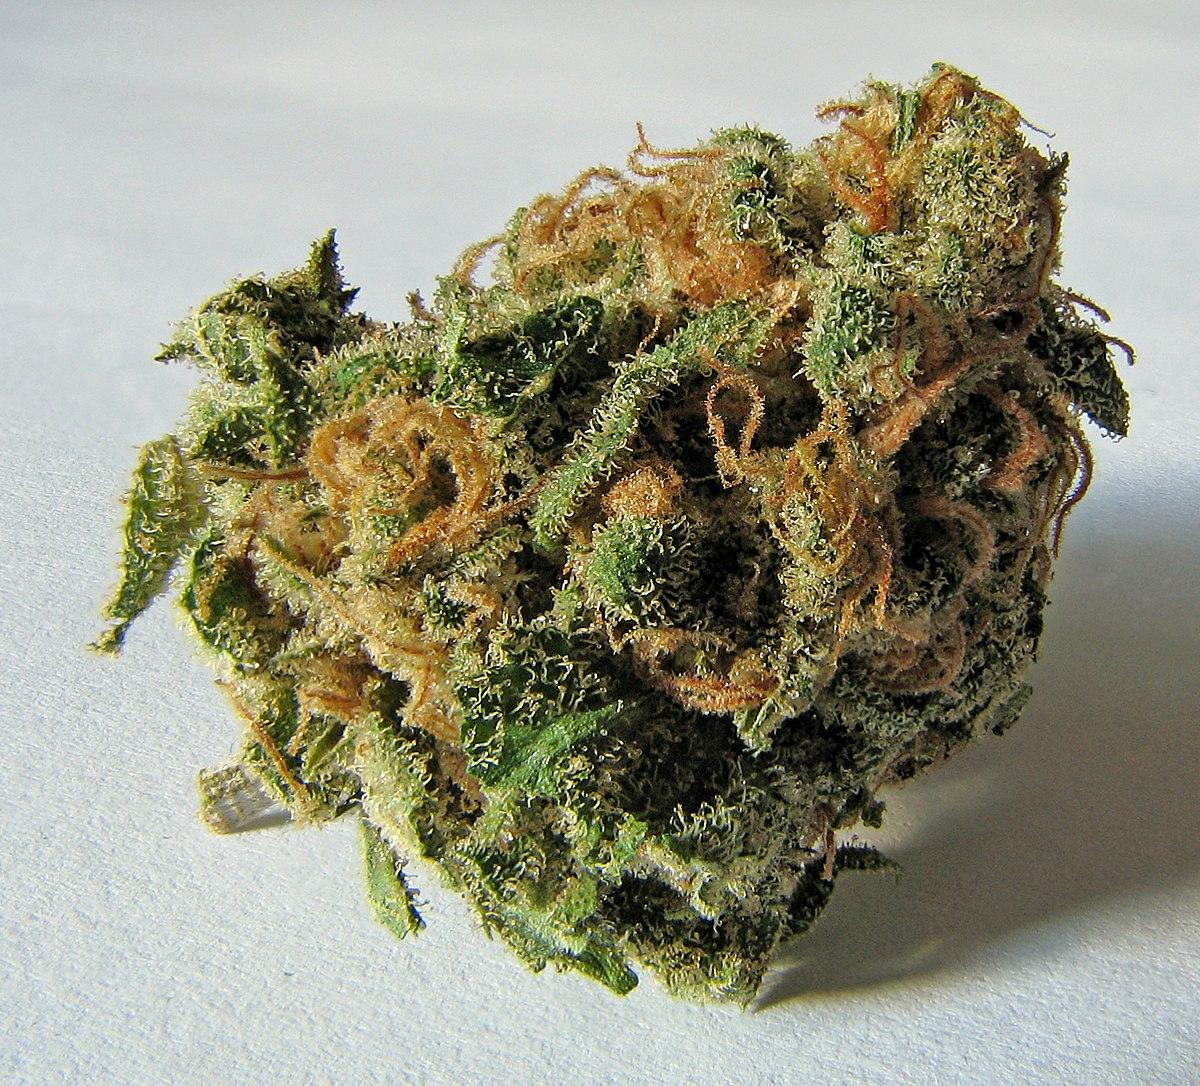 el cannabis puede causar impotencia